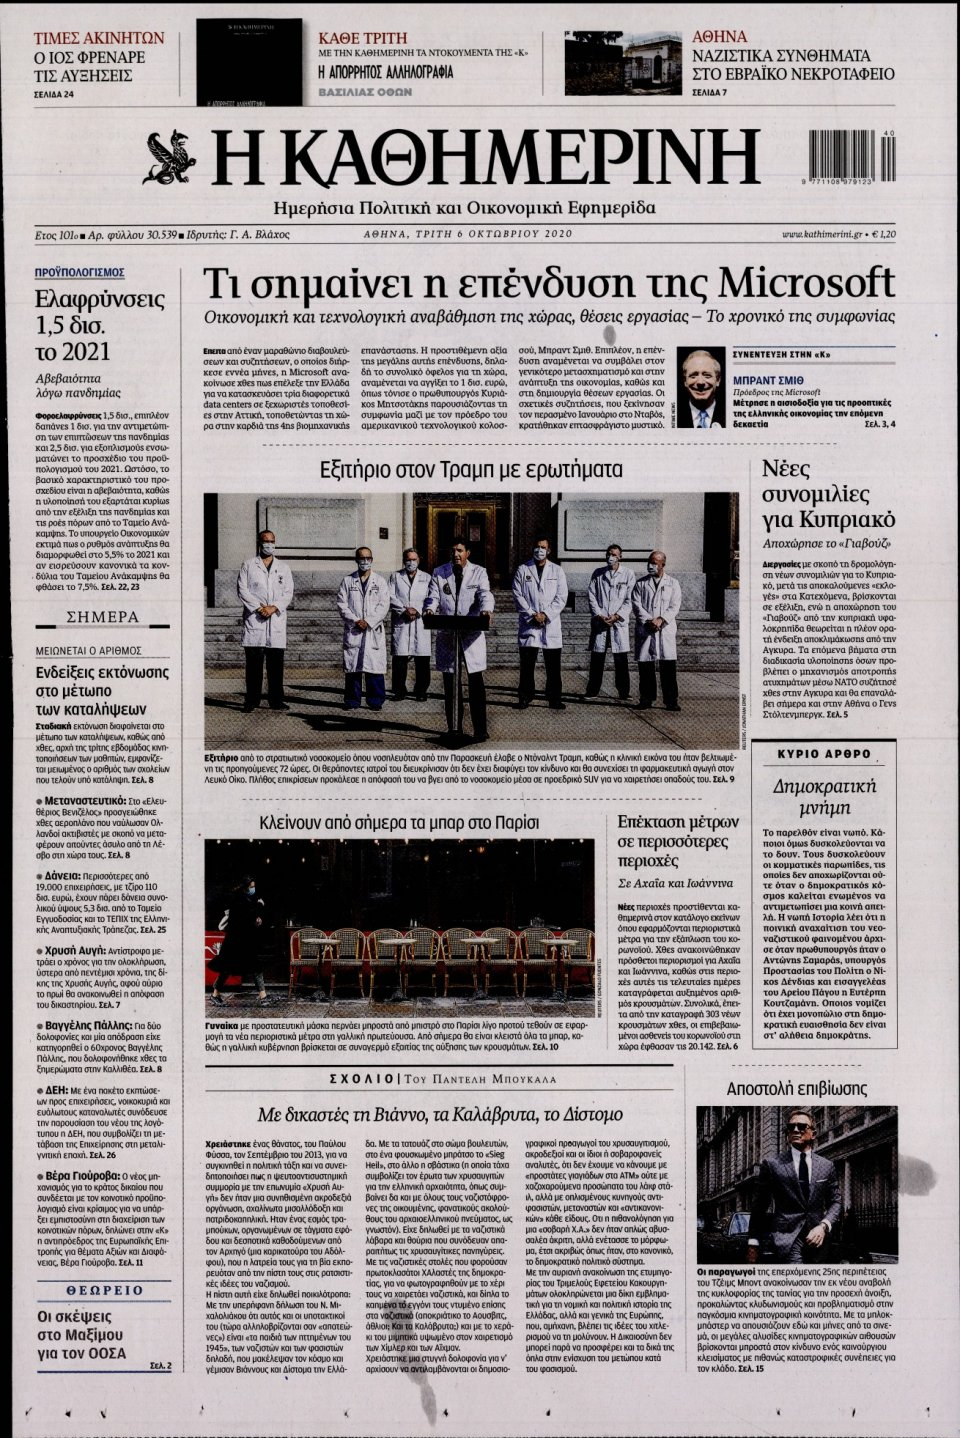 Πρωτοσέλιδο Εφημερίδας - Καθημερινή - 2020-10-06